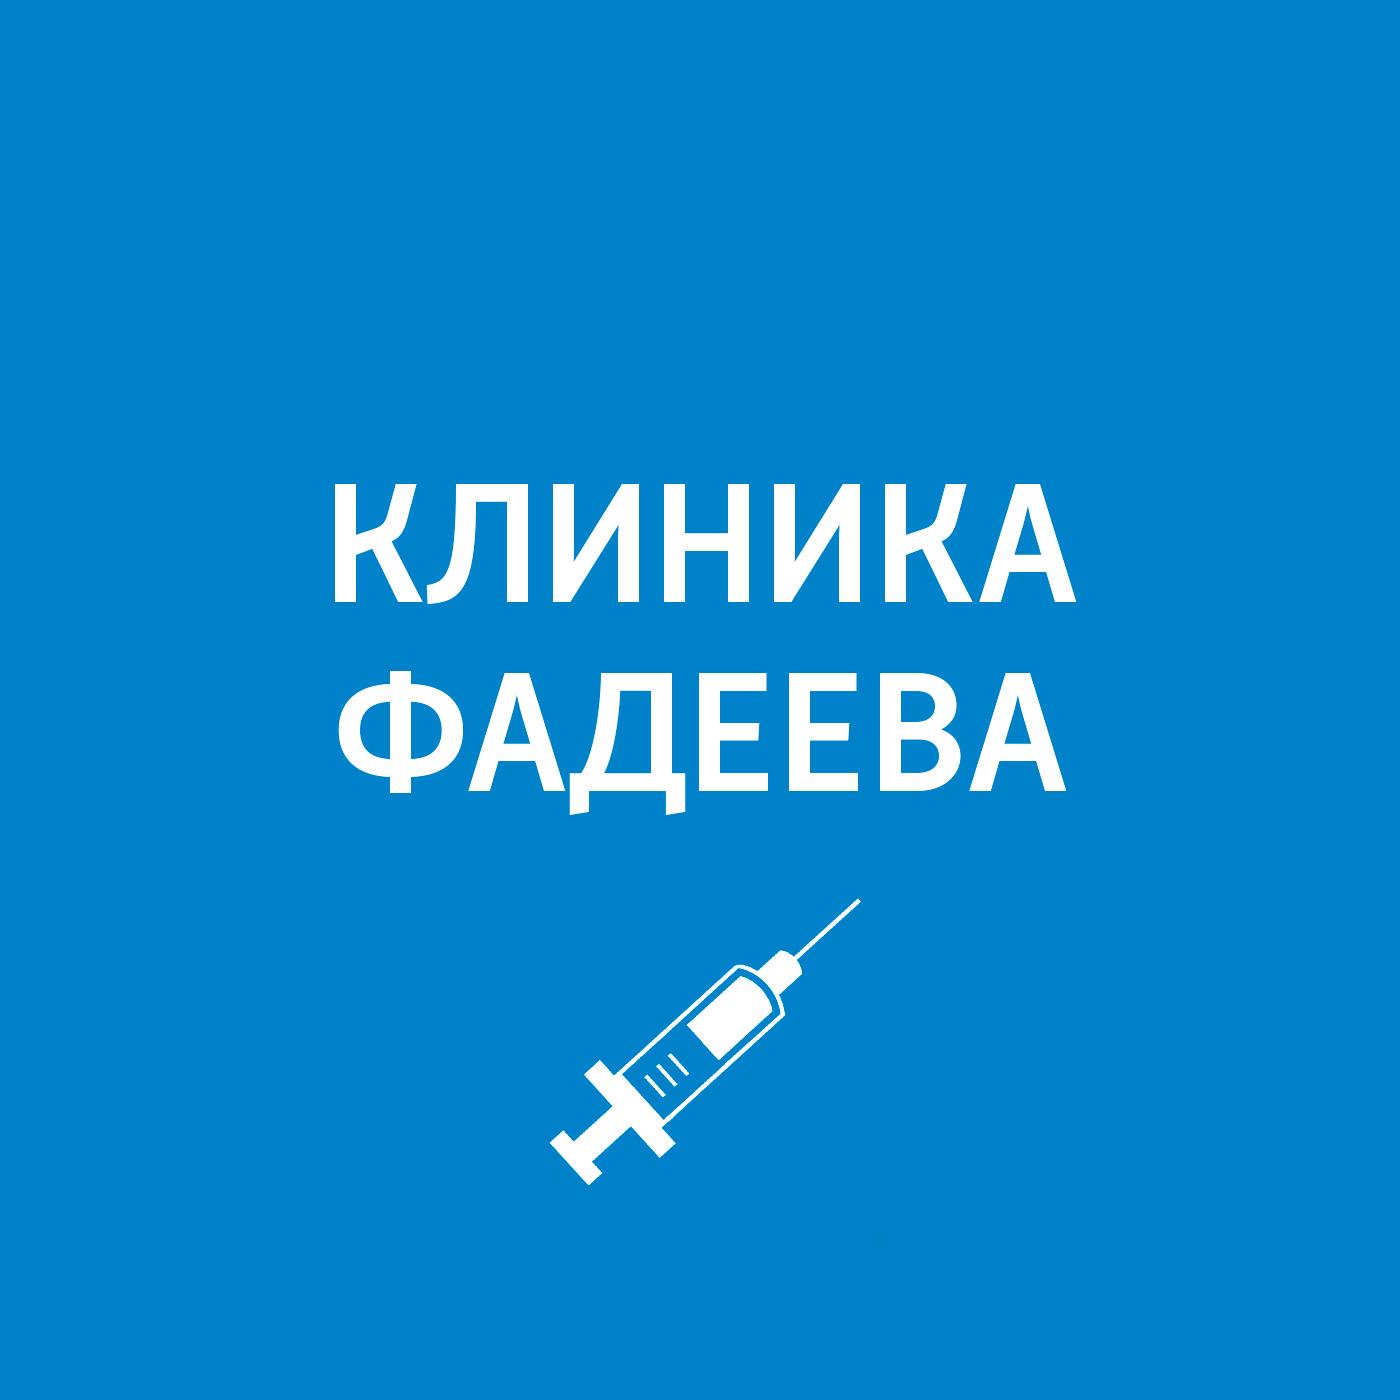 Пётр Фадеев Врач-педиатр